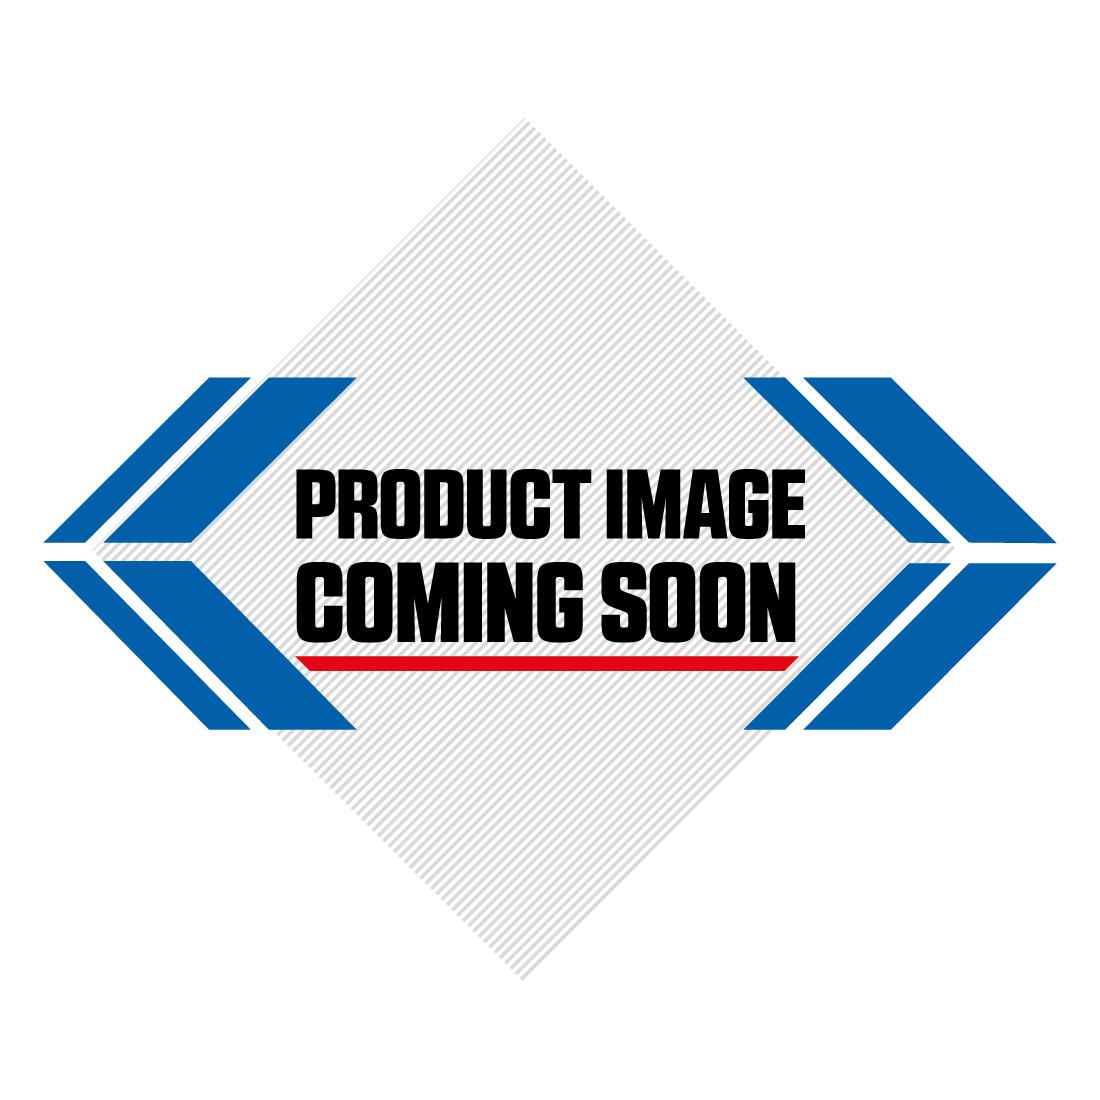 New 2015 Honda CRF 250R Motocross Bike Image-4